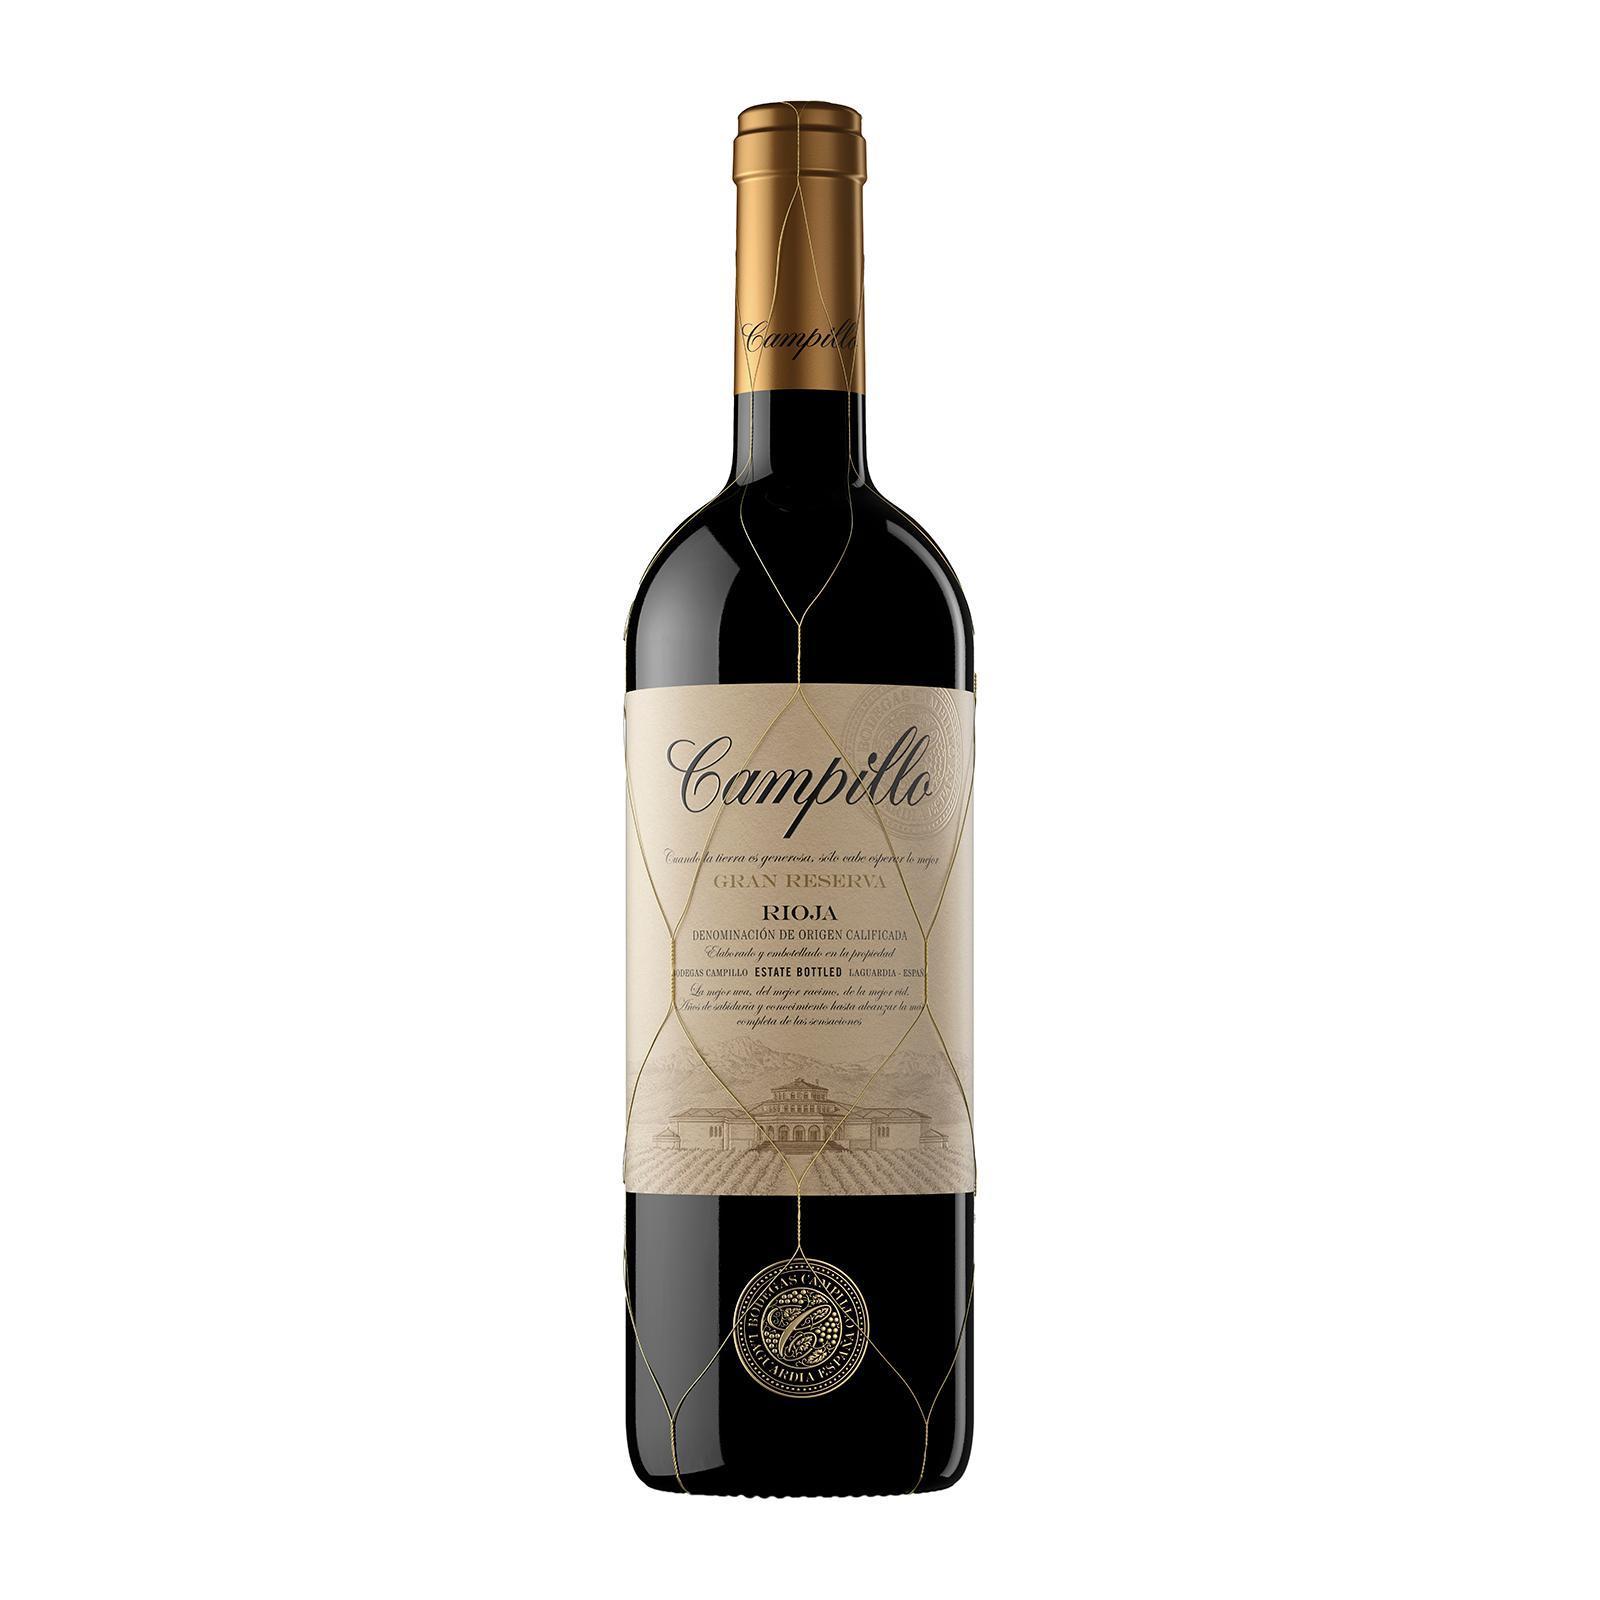 Bodegas Campillo Gran Reserva 2009 Rioja Spanish Wine - By TANINOS